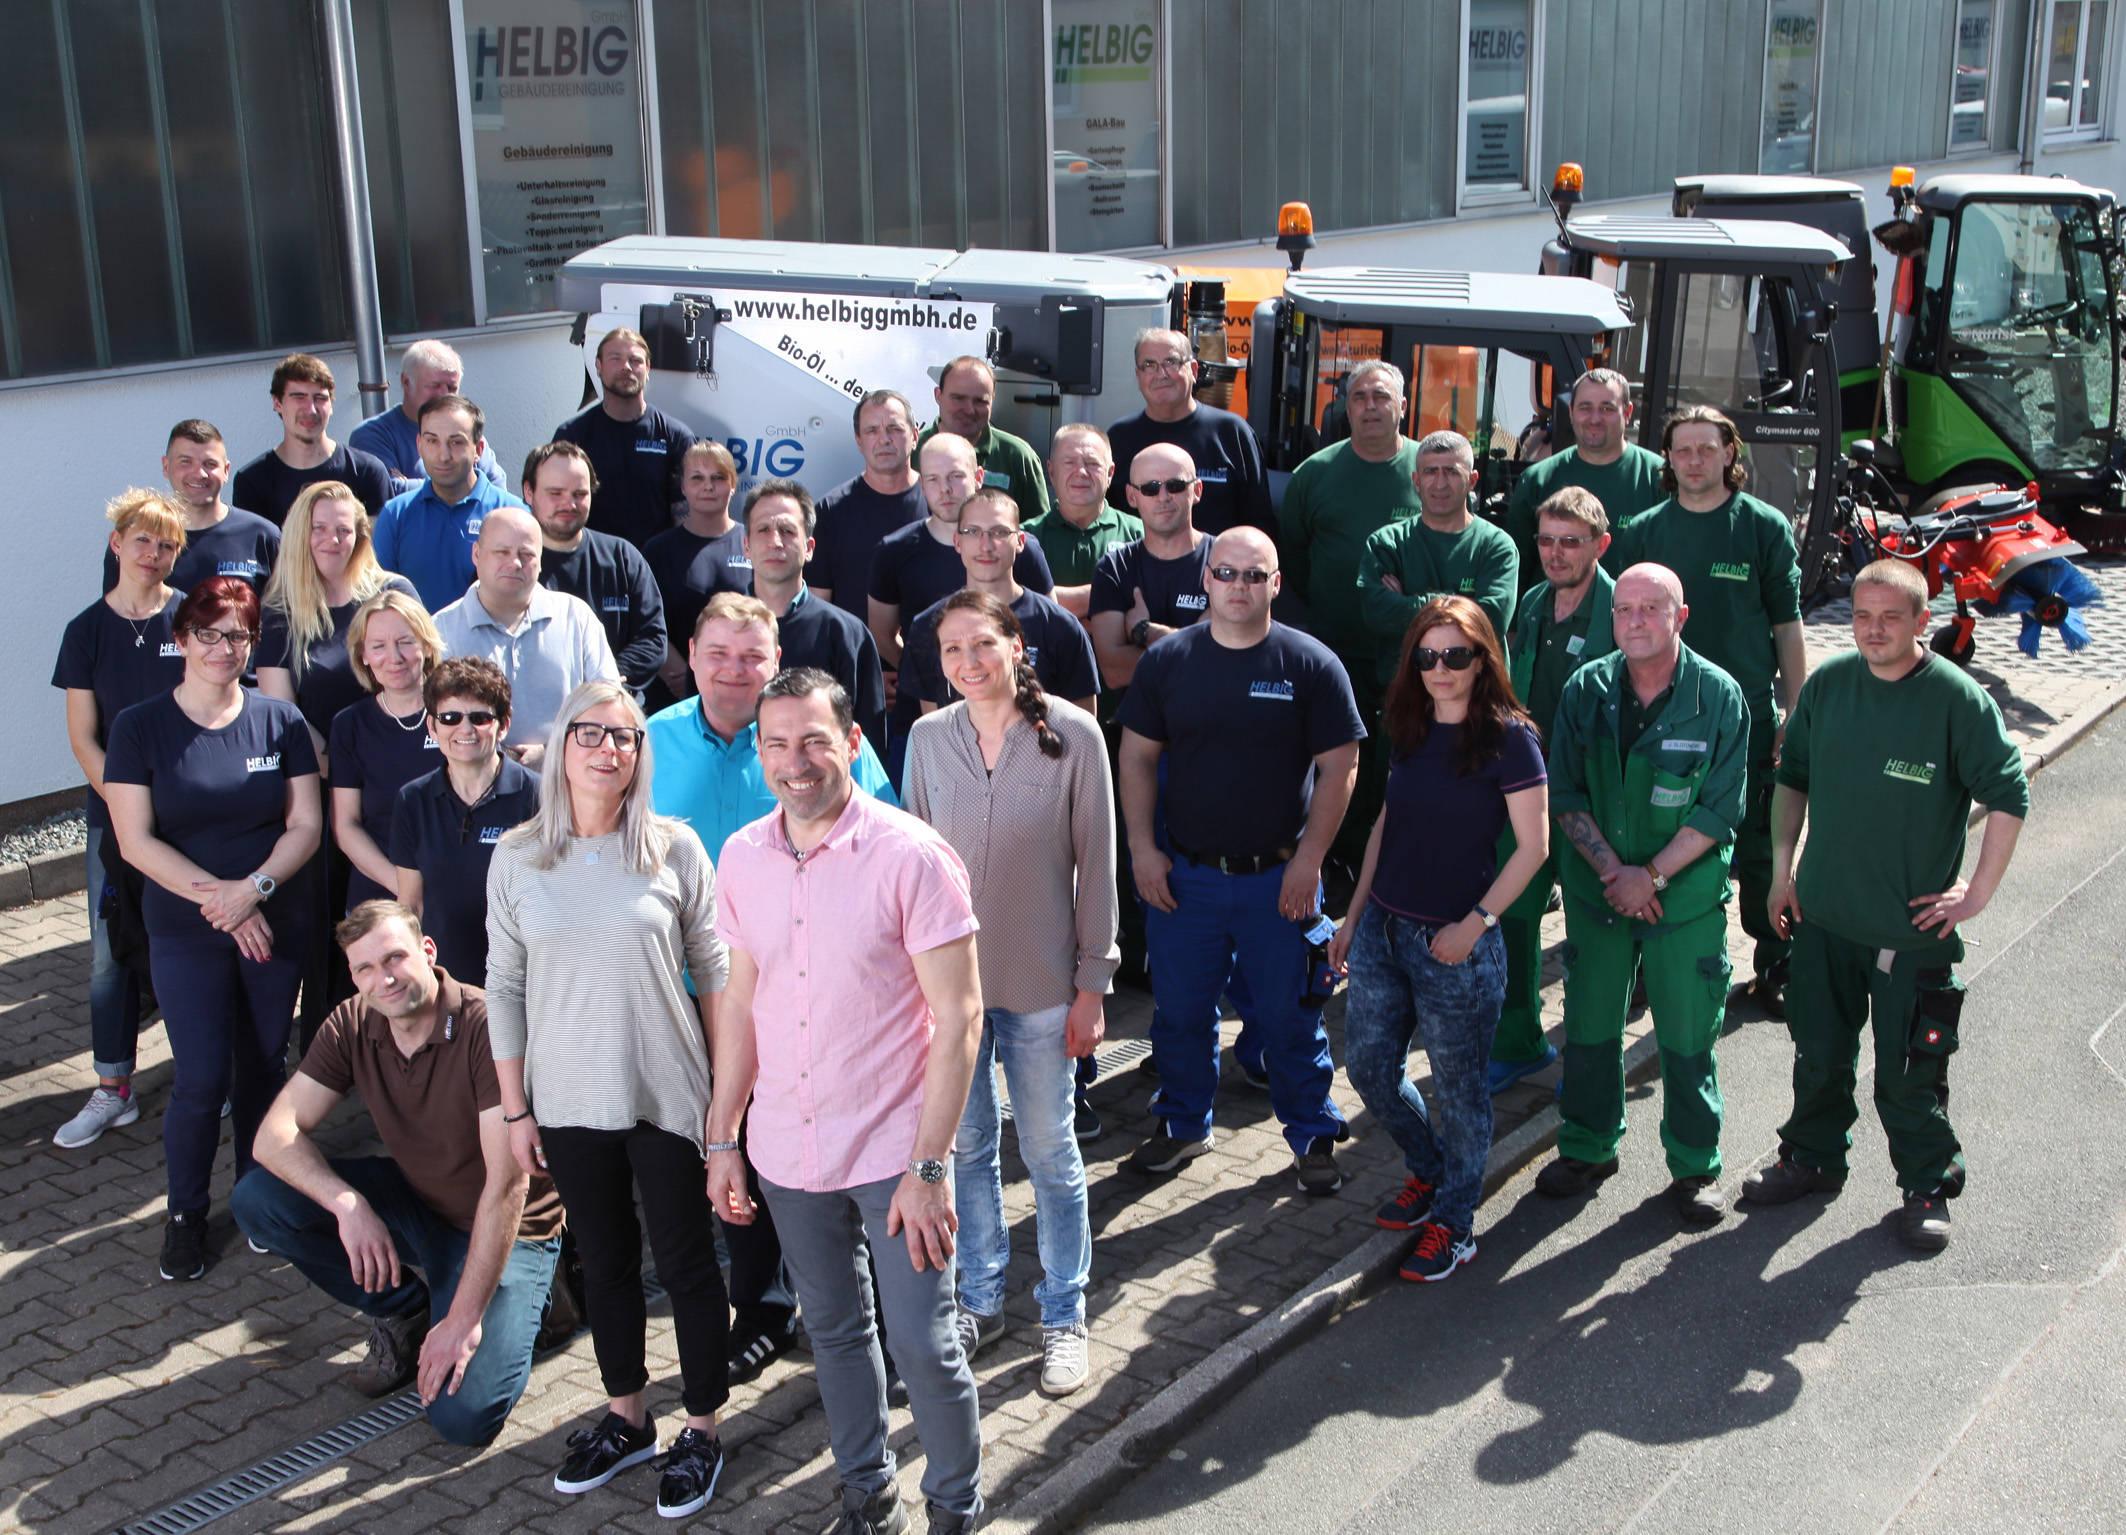 Helbig Gebäudereinigung GmbH - Team